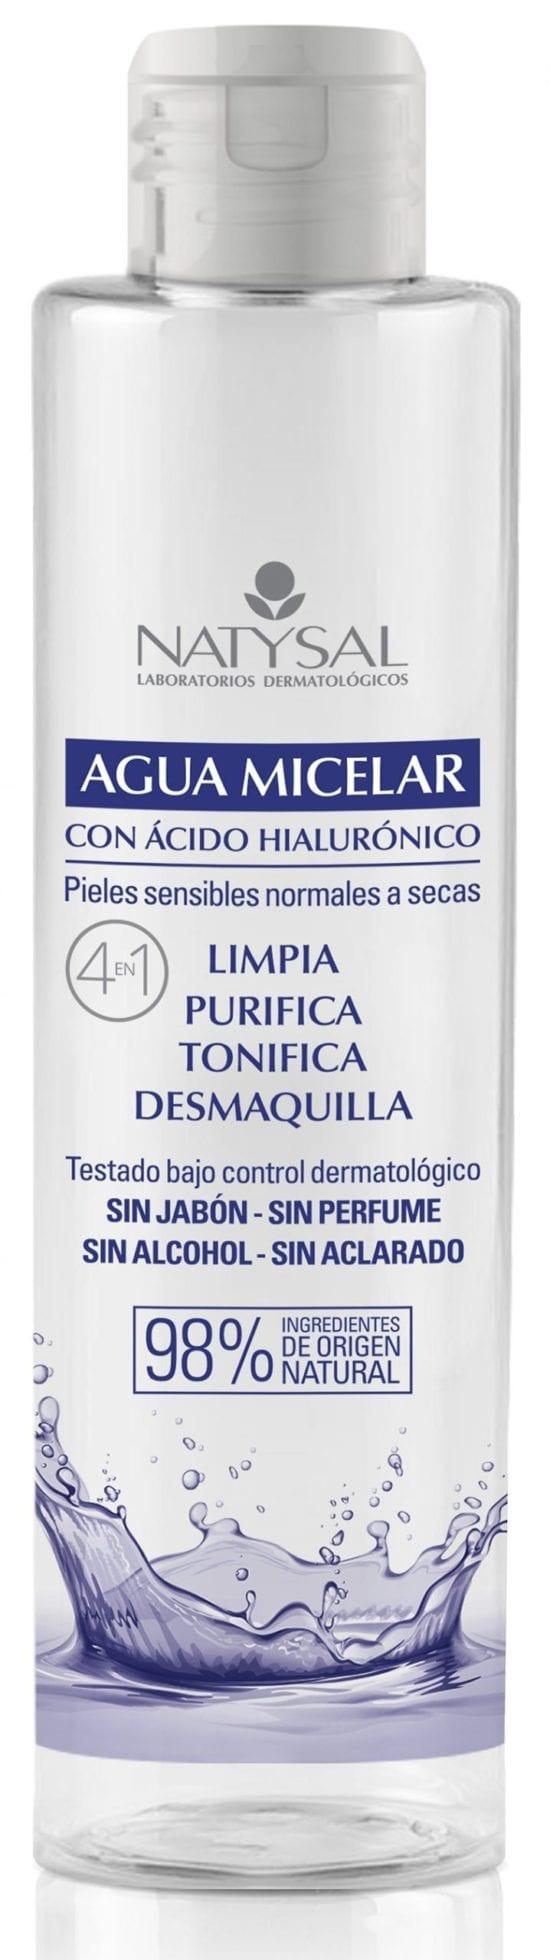 Agua Micelar con Acido Hialuronico – Natysal – 250 ml